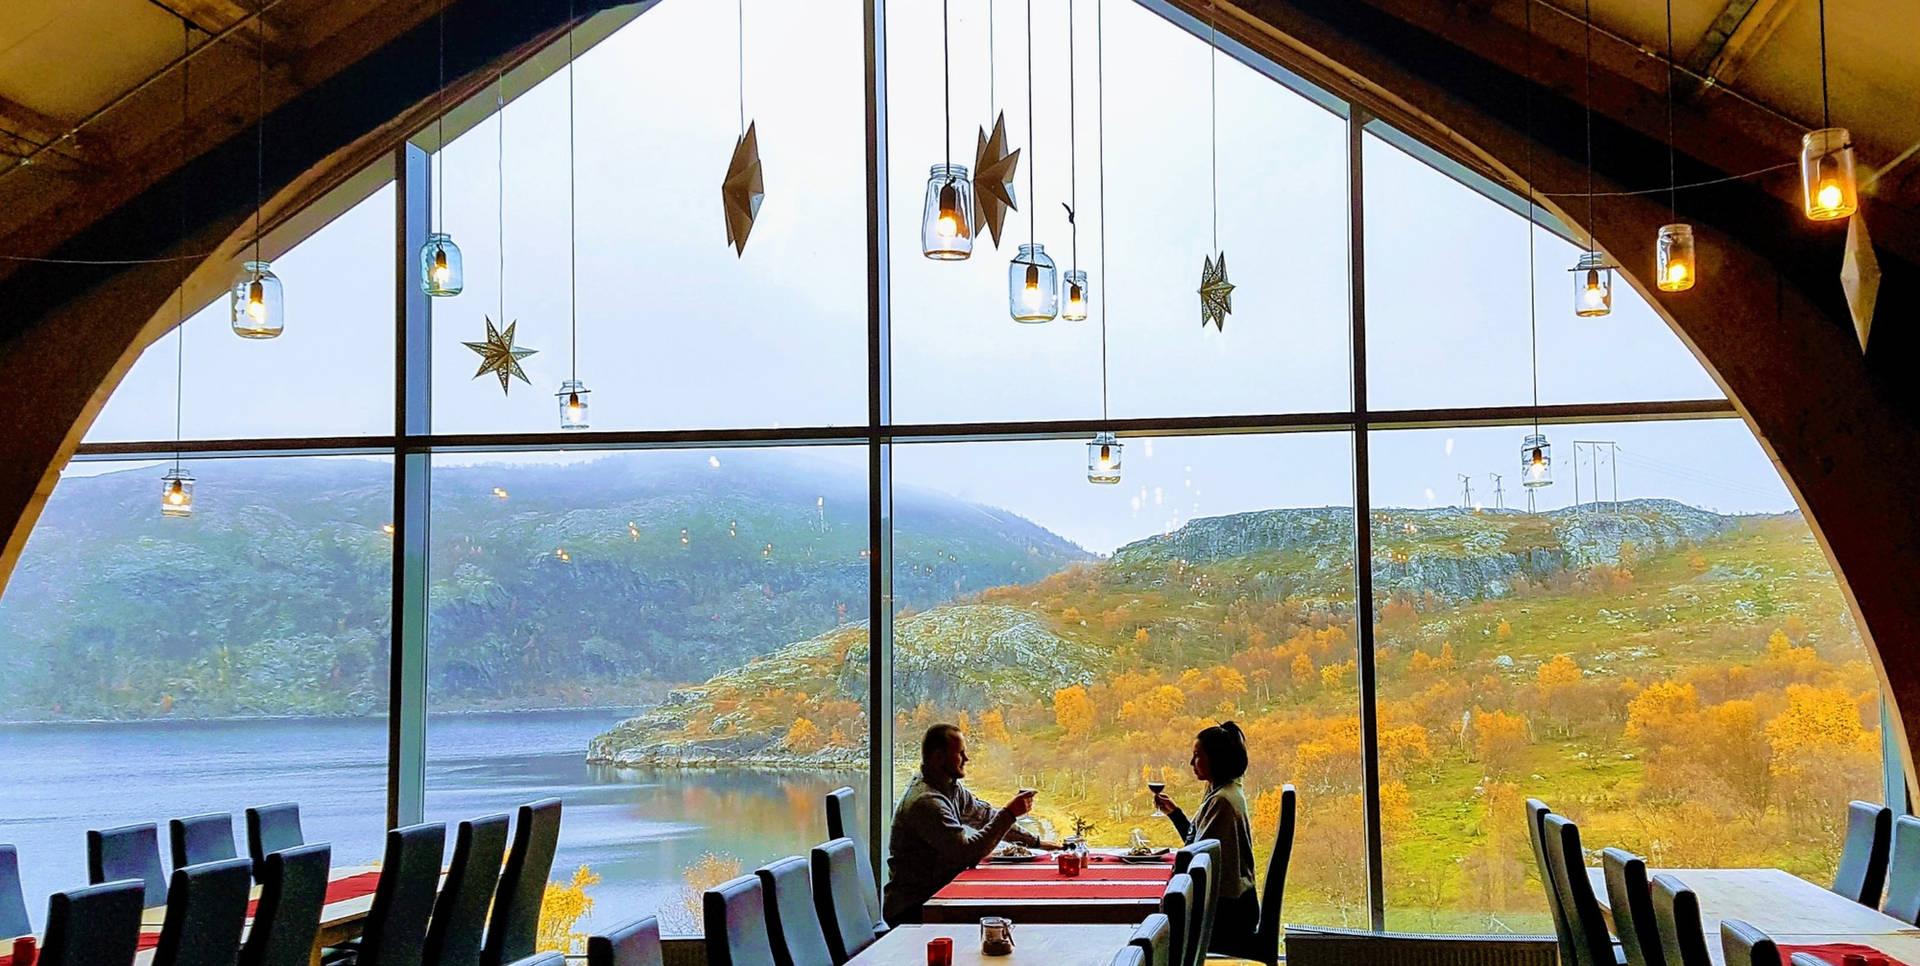 Høyloftet - 2nd floor of Snowhotel Restaurant